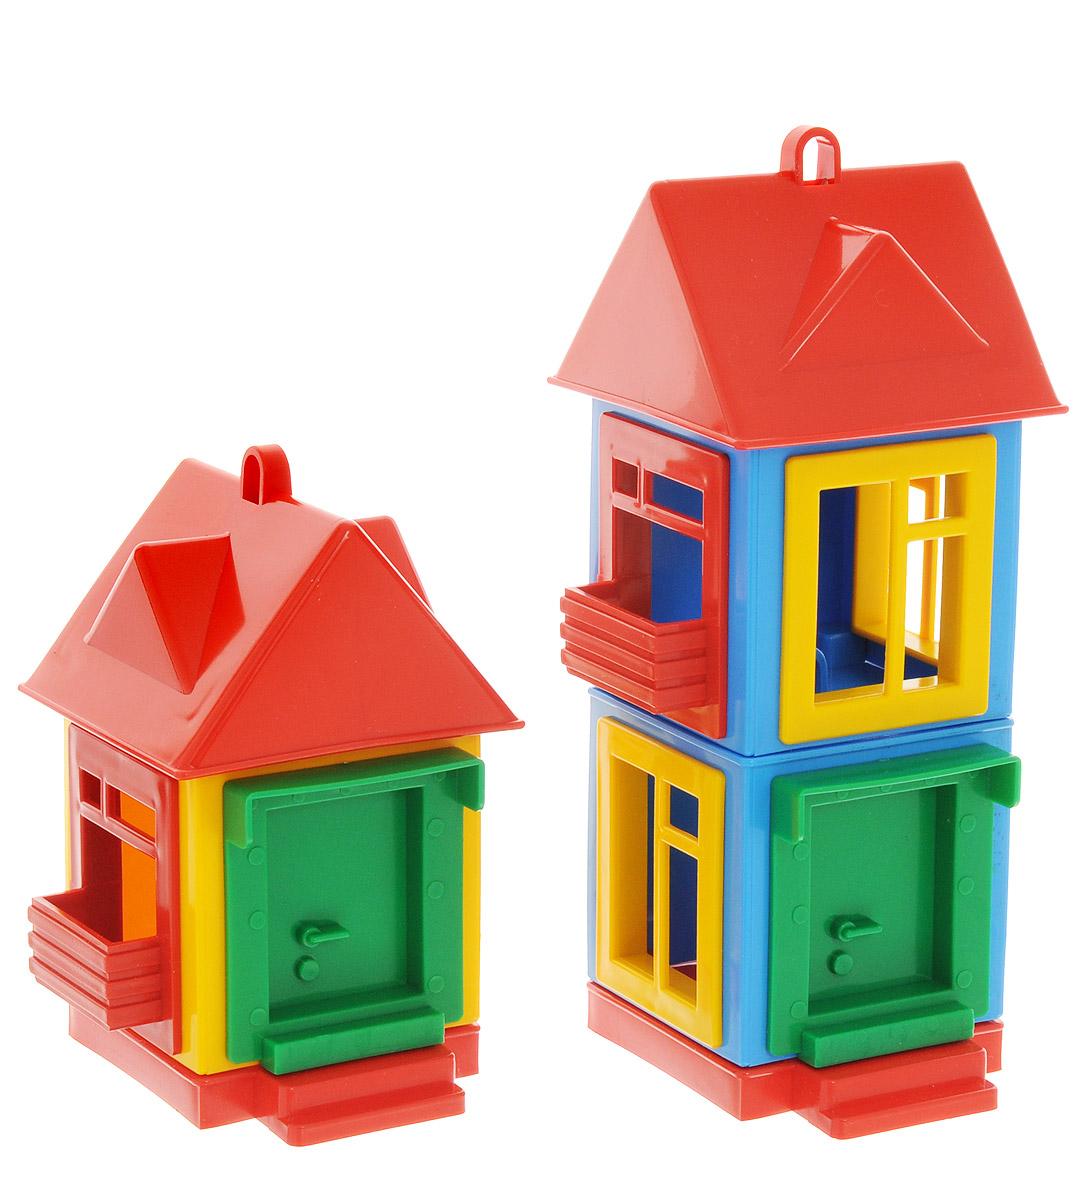 Форма Развивающая игрушка Панельный дом мультицветС-164-ФРазвивающая игрушка Форма Панельный дом - замечательный набор для сборки яркого домика. Домик можно собирать и разбирать, расставлять окна и двери по своему усмотрению. На крыше домика имеется специальная петля, за которую может цепляться кран из серии Детский сад, он приобретается отдельно. С такой игрушкой ребенок почувствует себя настоящим инженером-строителем. Уважаемые клиенты! Обращаем ваше внимание, что цвета домиков могут меняться ,в зависимости от прихода товара на склад.